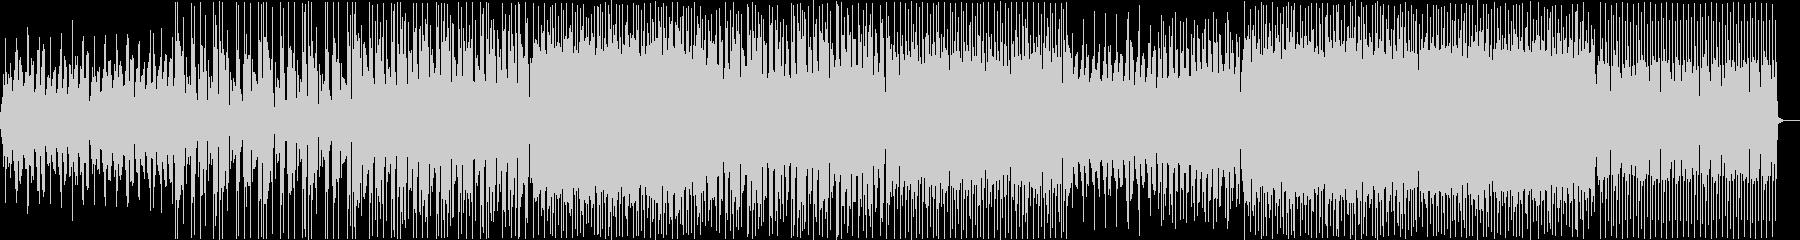 少し切ないEDMの未再生の波形